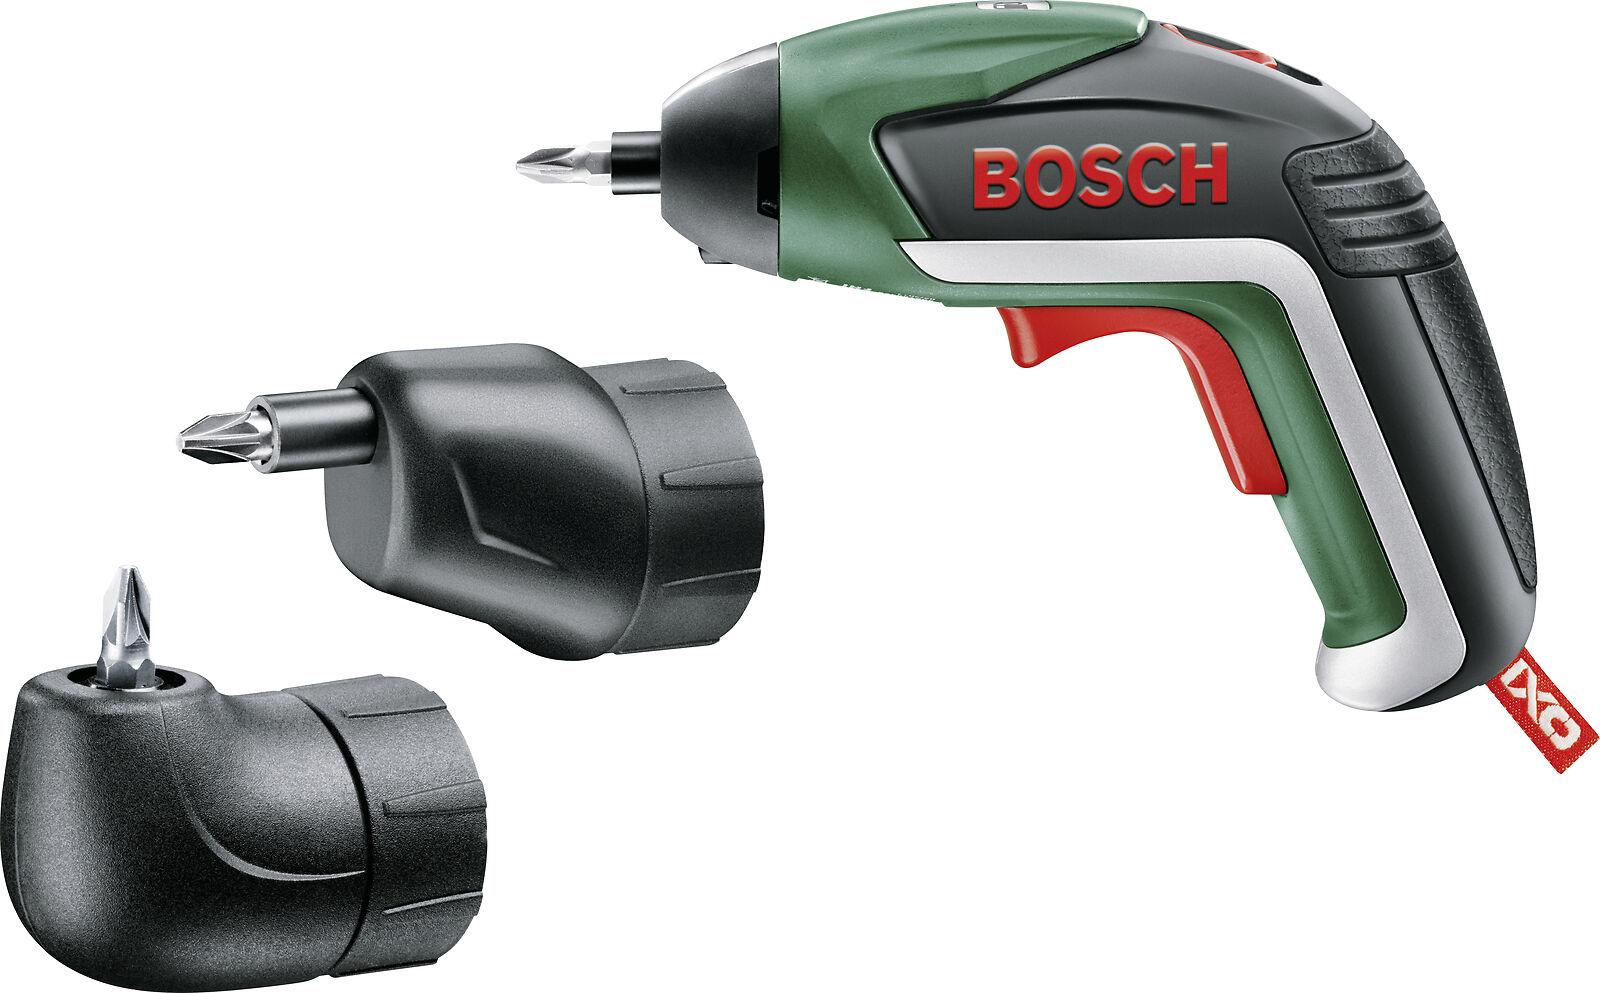 Bosch Akkuschrauber IXO V Set mit Winkel- und Exzenter-Aufsatz, 10 Bits